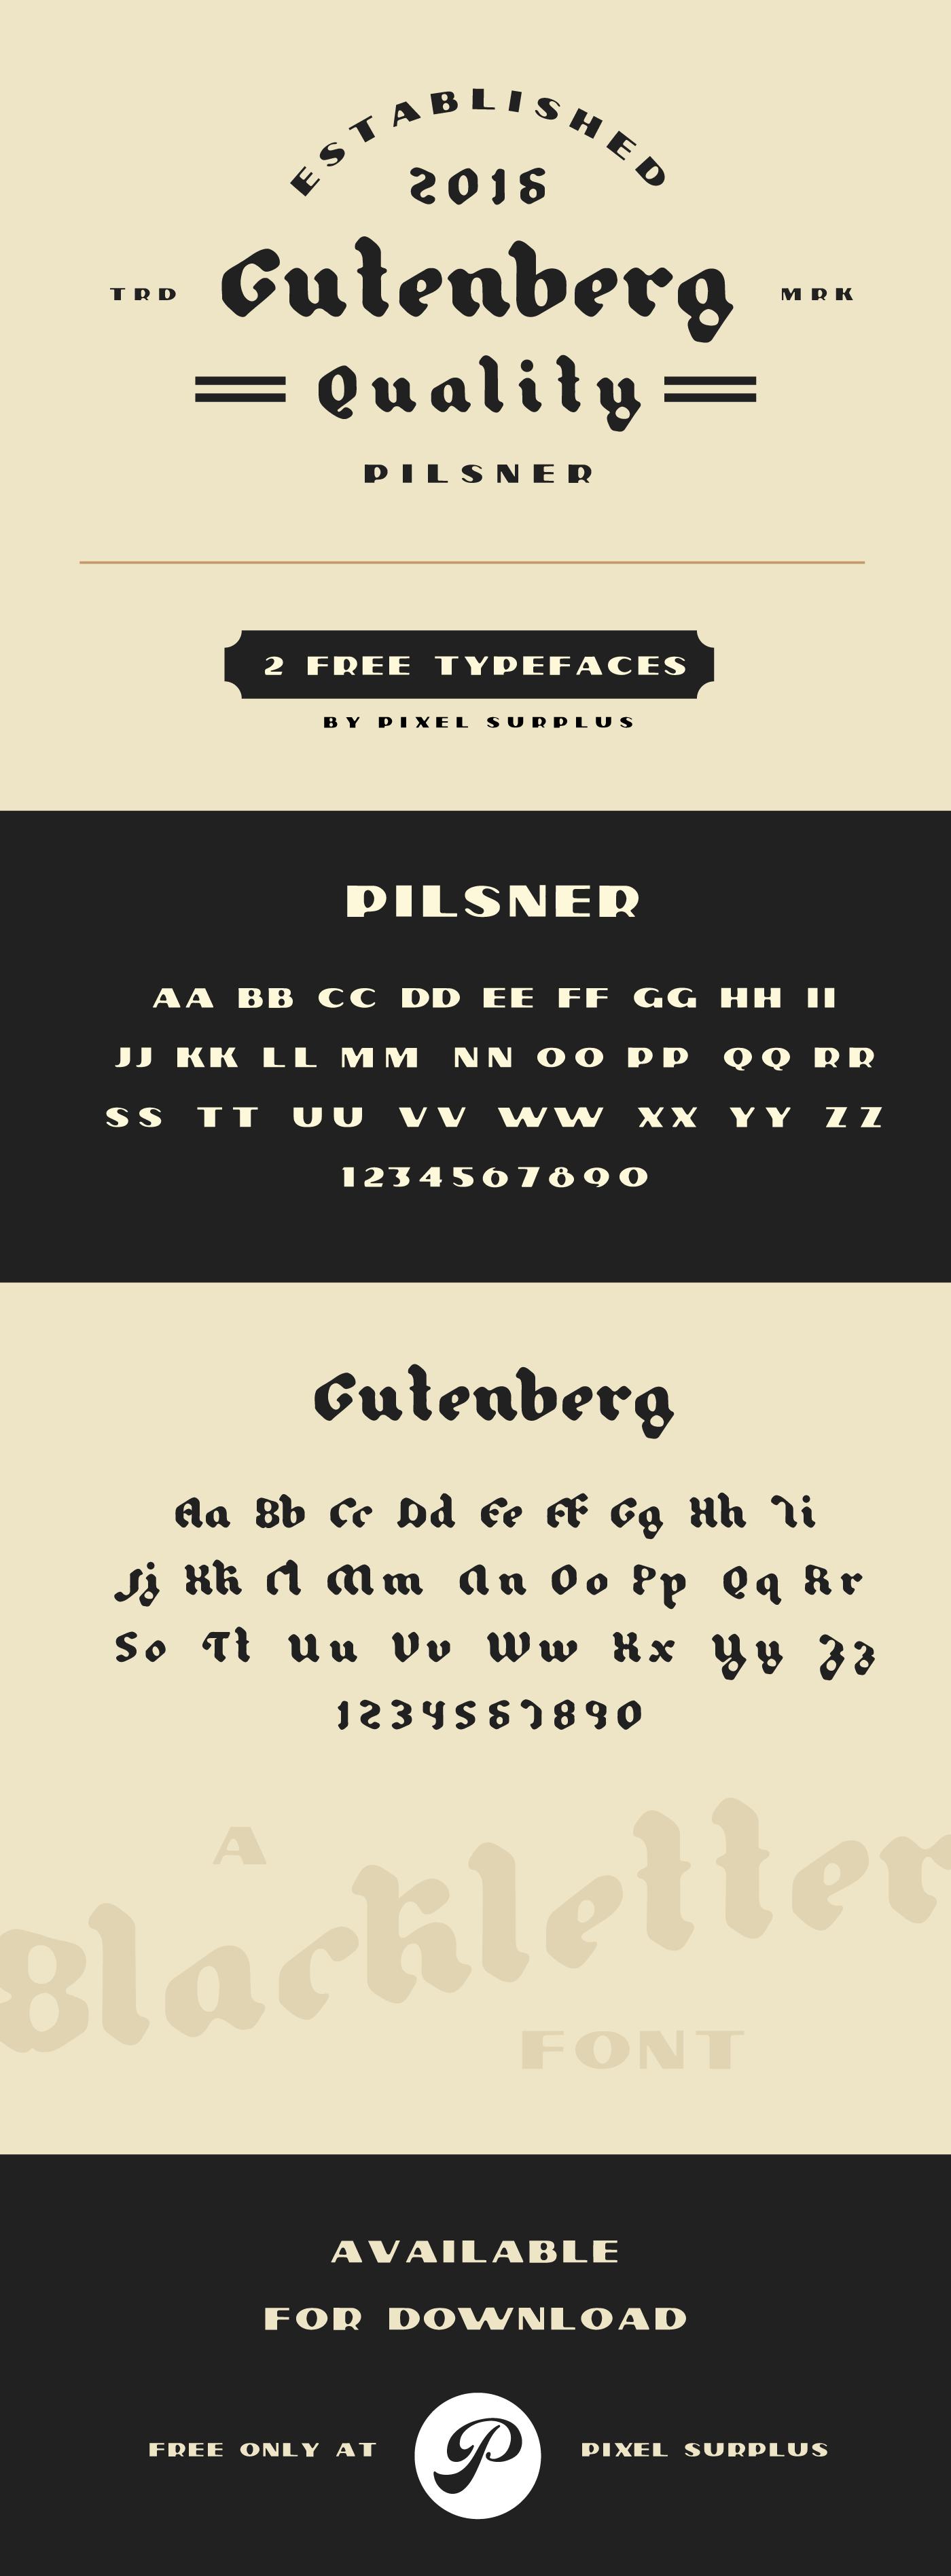 Pilsner-&-Gutenberg-Free-Font-Pairing